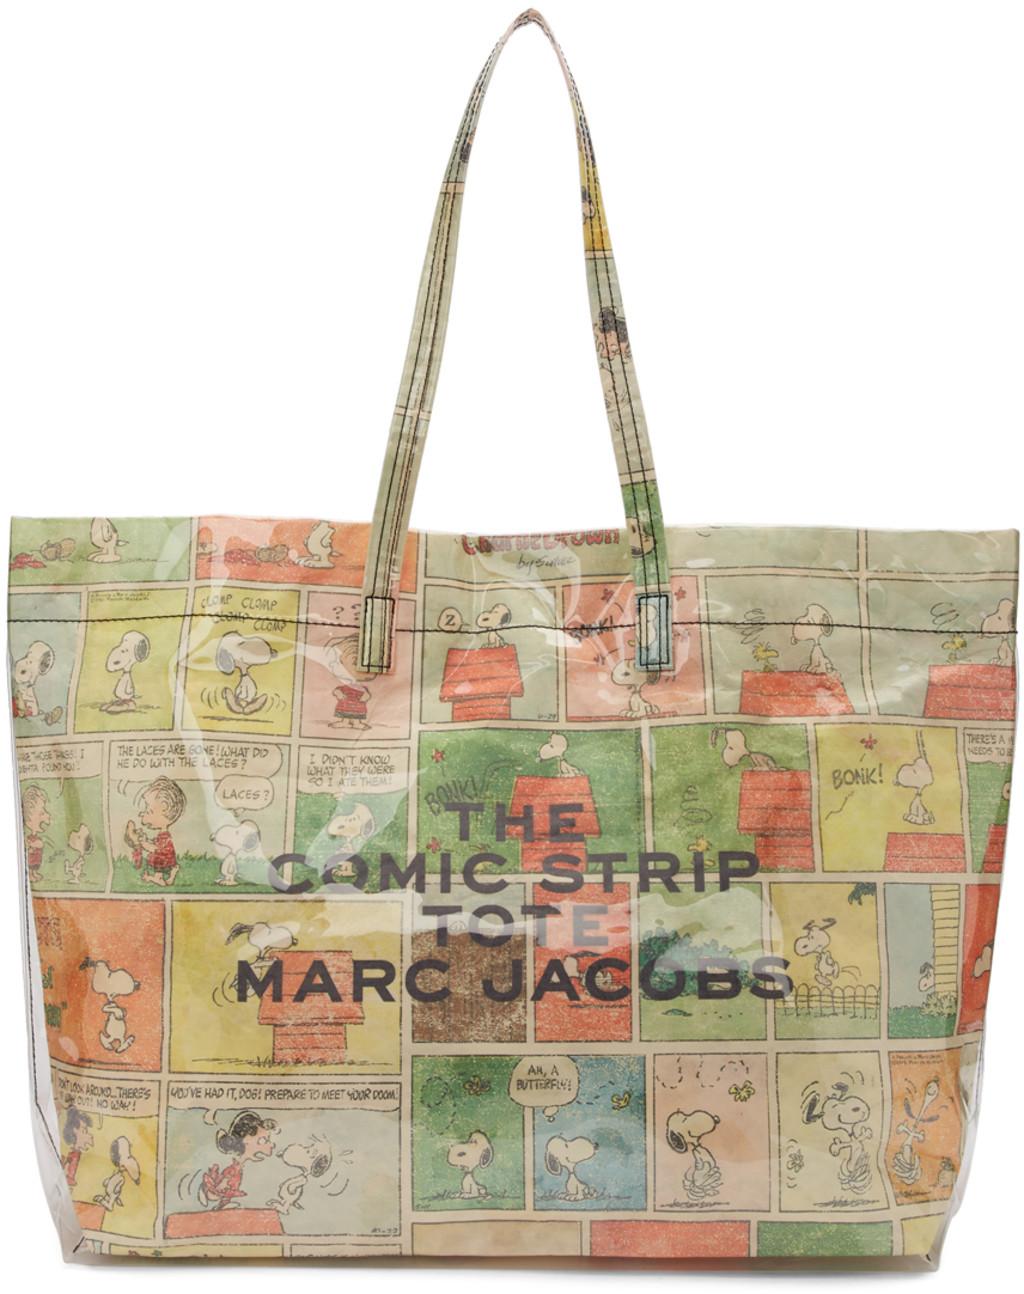 1a11422171b Multicolor Peanuts Edition 'The Comic Strip Tote' Bag